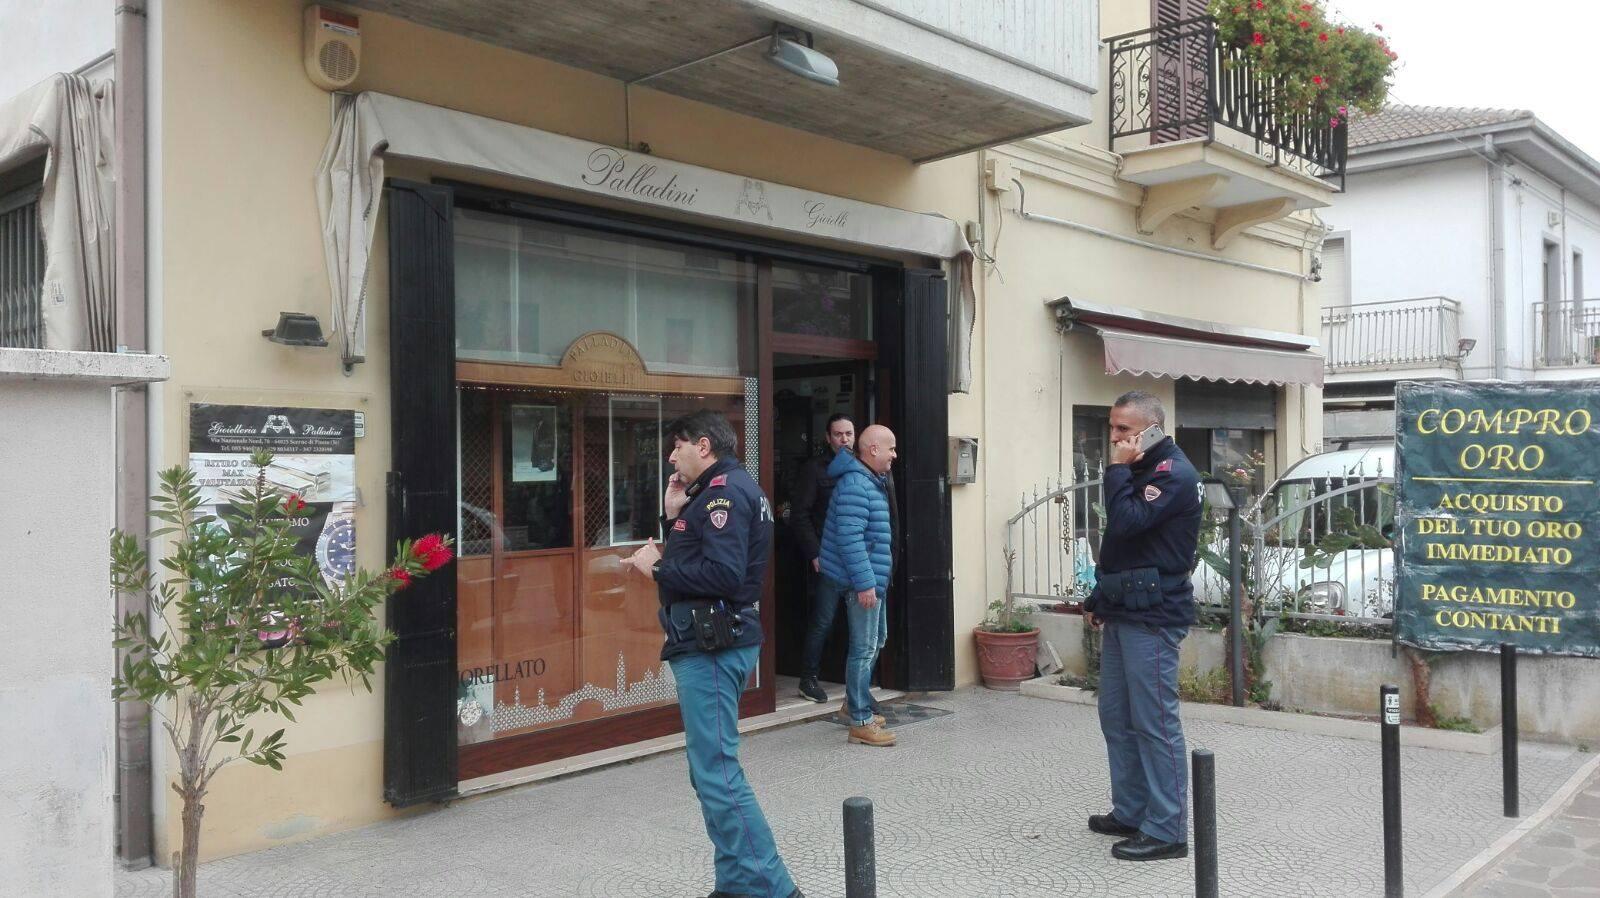 Rapina in gioielleria a Scerne di Pineto